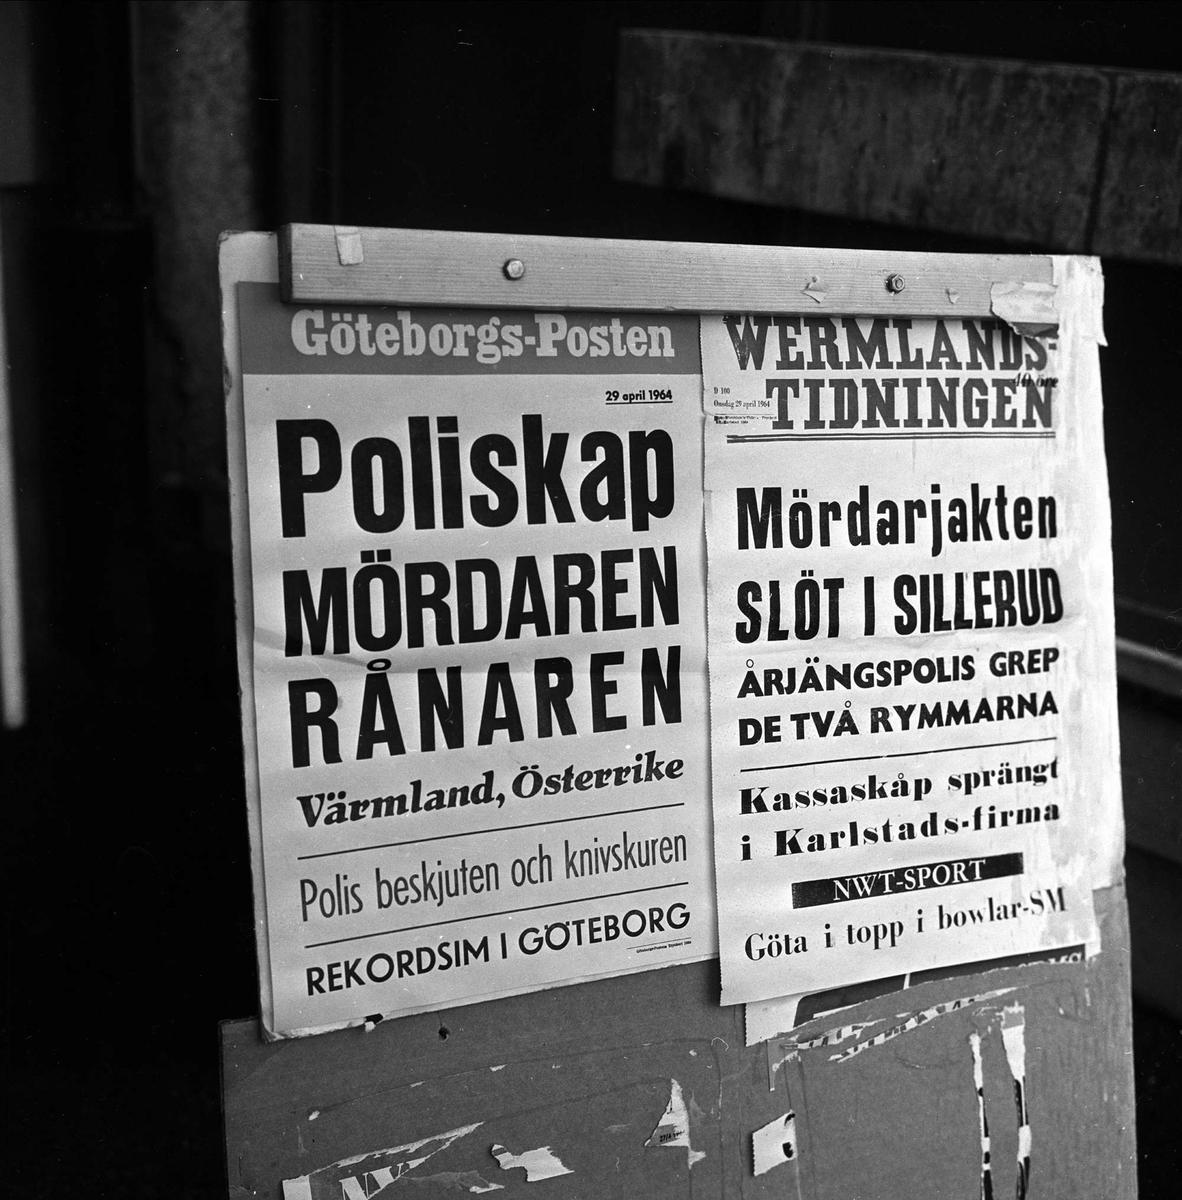 Årjäng politistasjon, Sverige. Avisoppslag om morderjakt på vegg, Sverige april 1964.